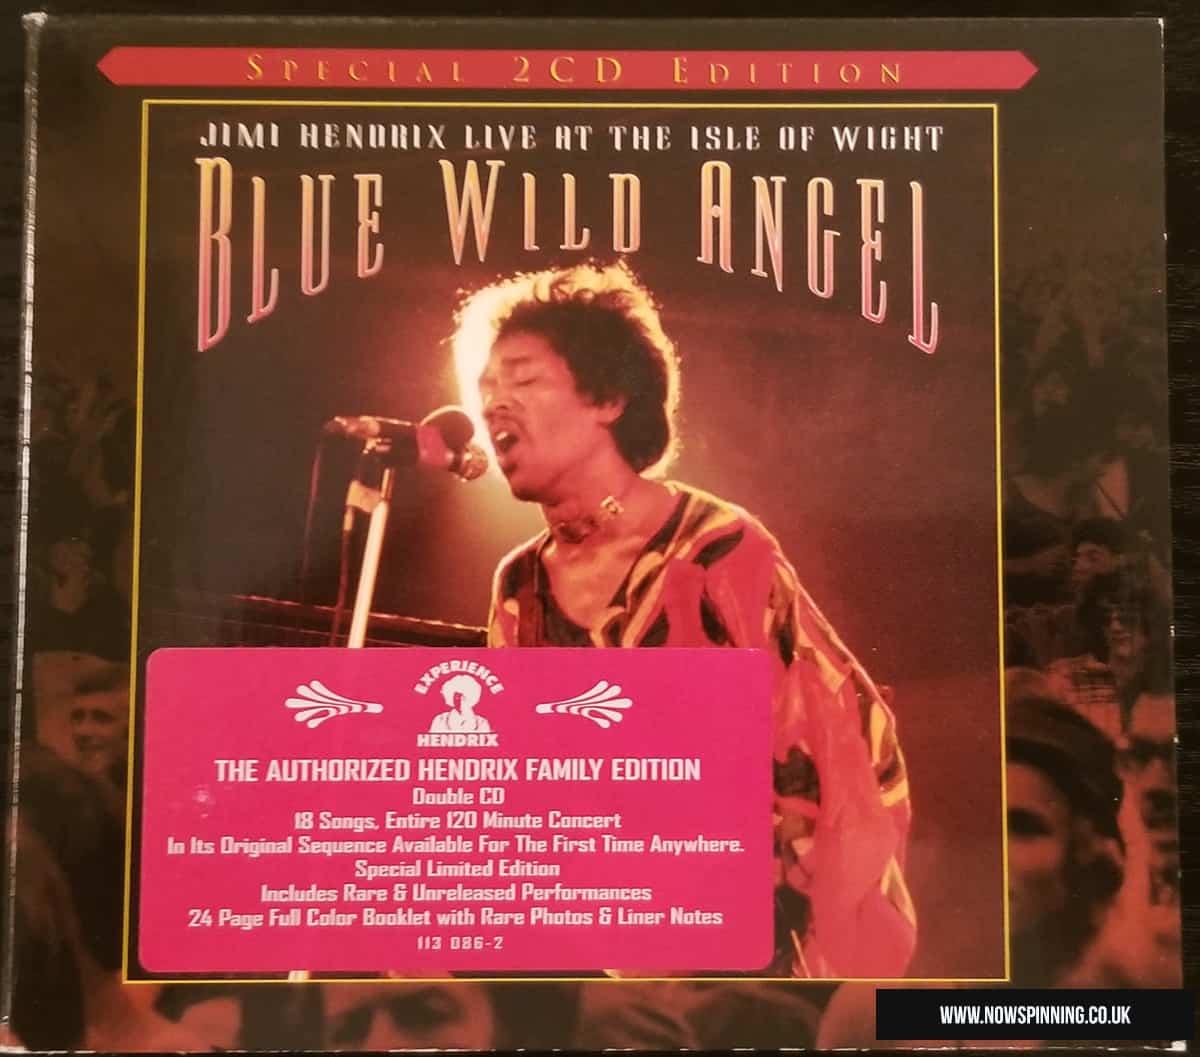 Jimi Hendrix Isle of White 2CD